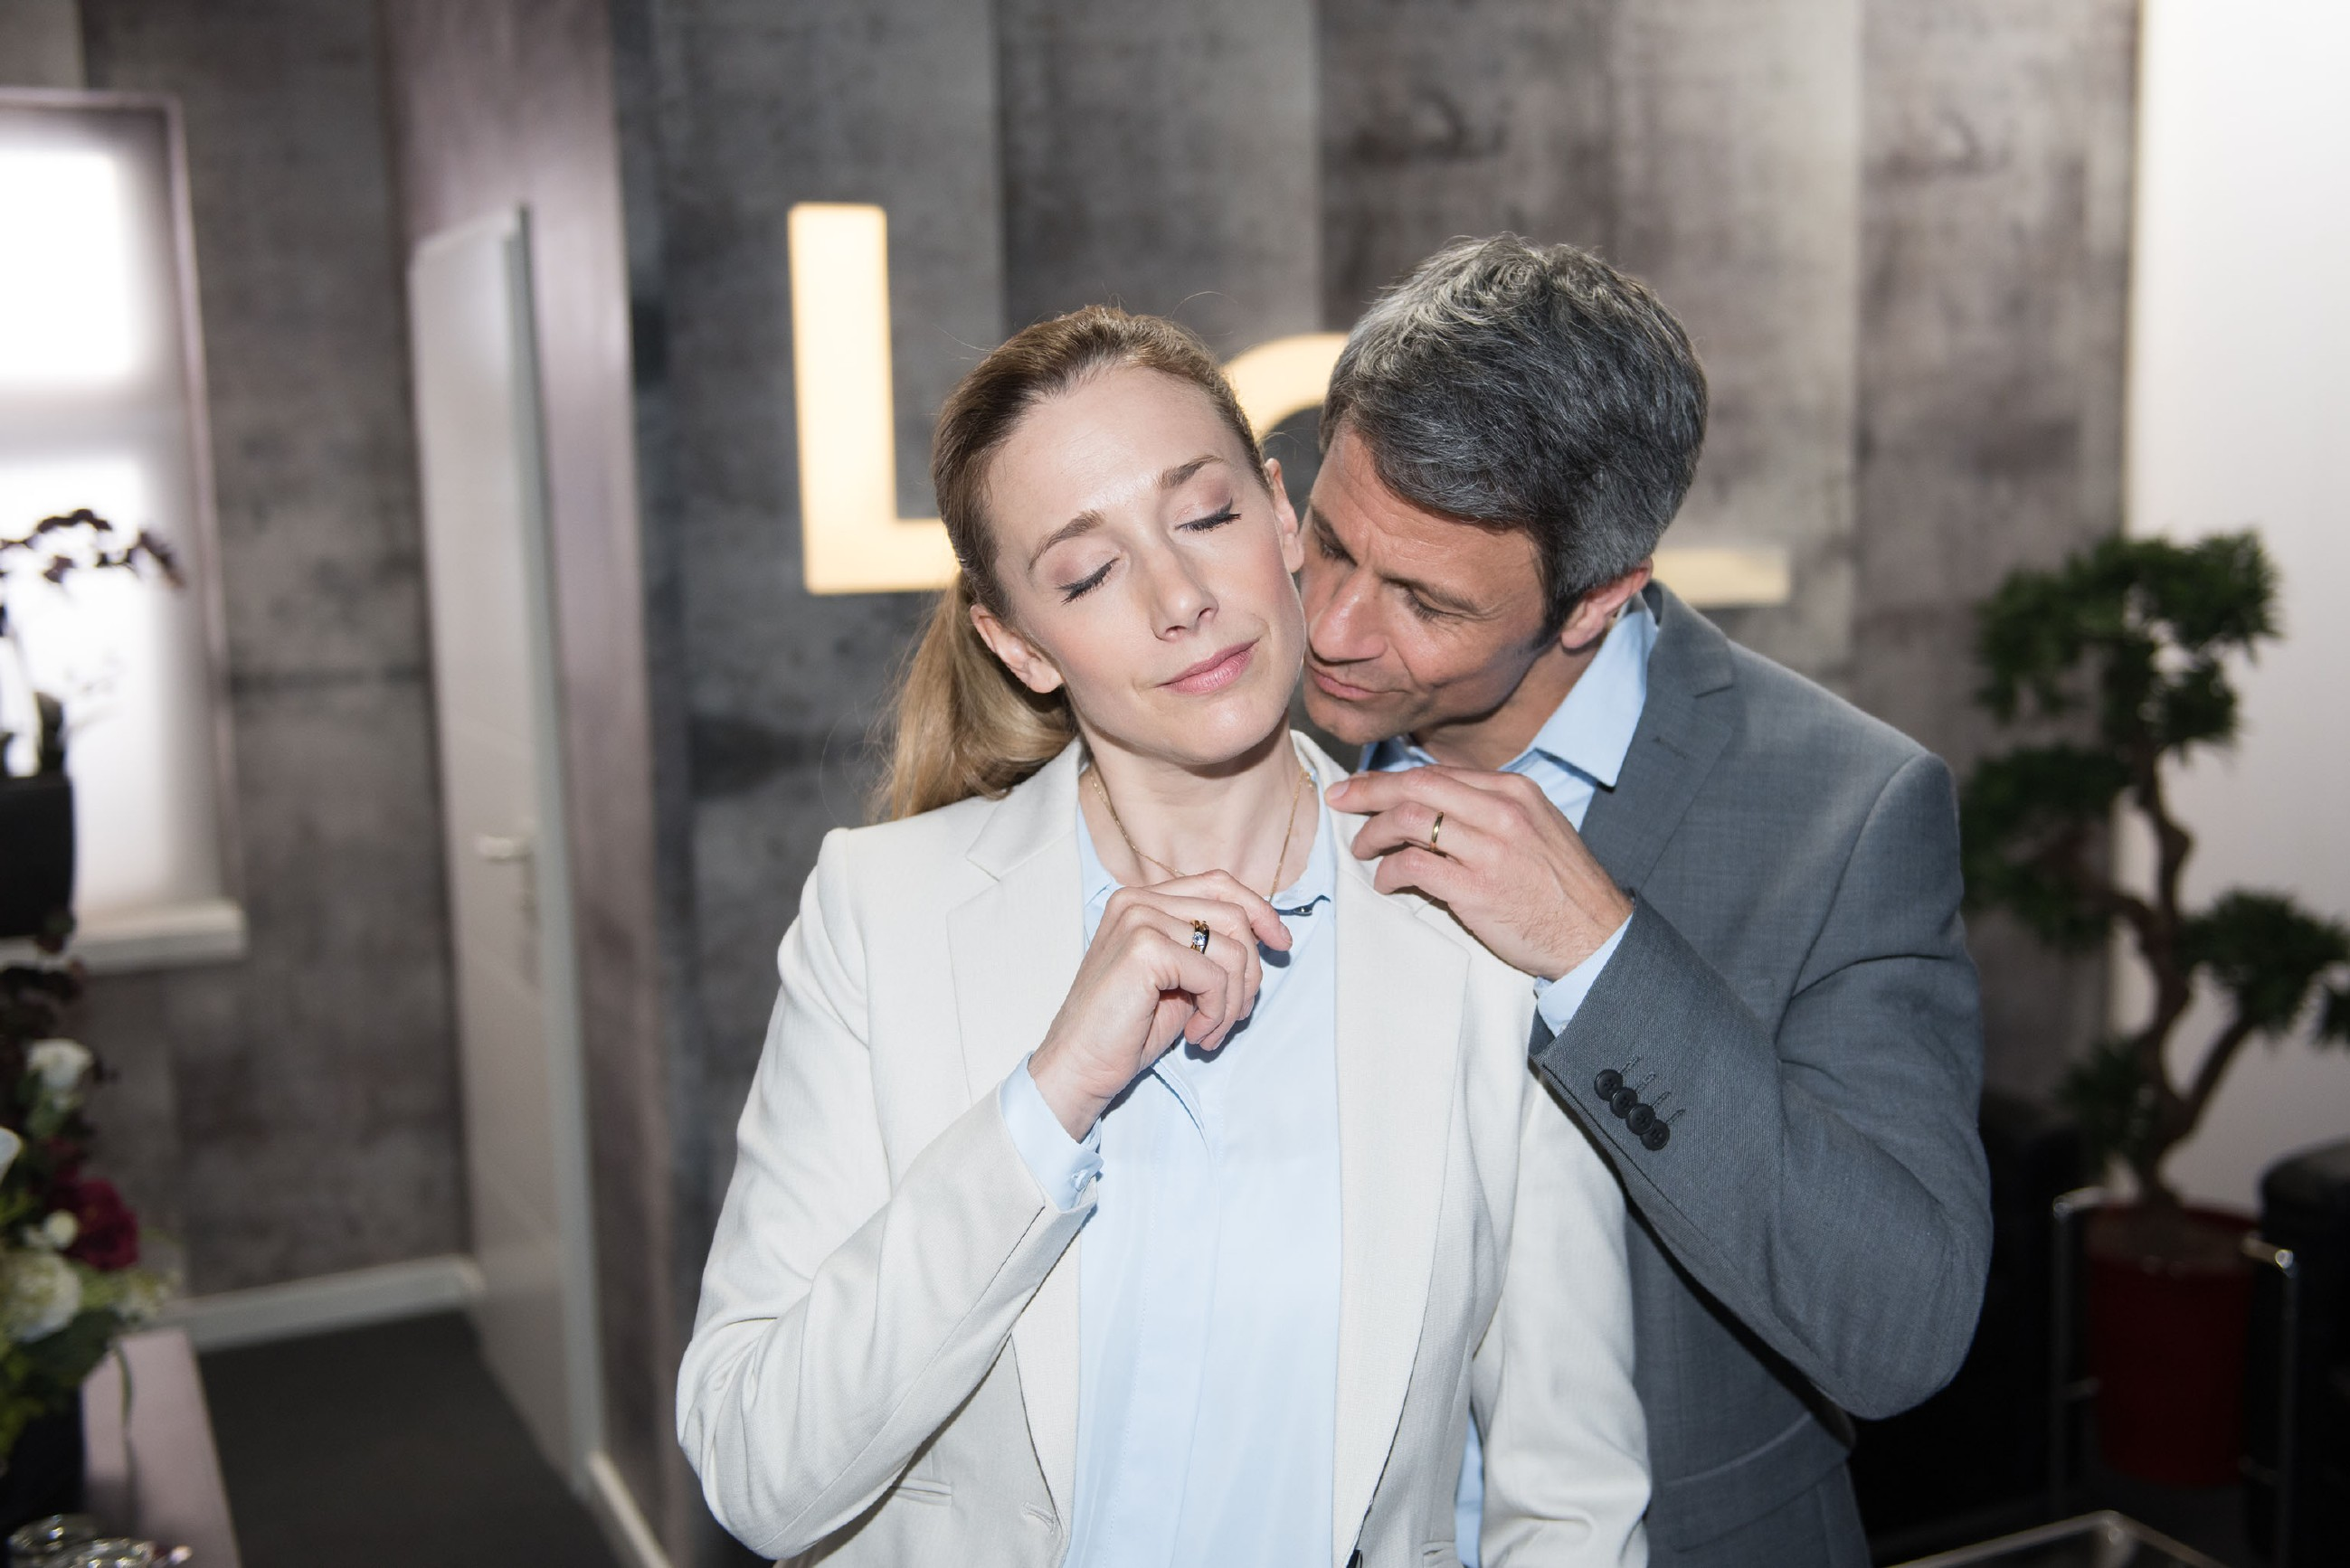 Um seiner Frau ihre finanzielle Not weiter verheimlichen zu können, manipuliert Benedikt (Jens Hajek) Andrea (Kristin Meyer) geschickt so, dass sie den rettenden Vorschlag macht, vorerst nach Köln zu ziehen. (Quelle: RTL / Stefan Behrens)